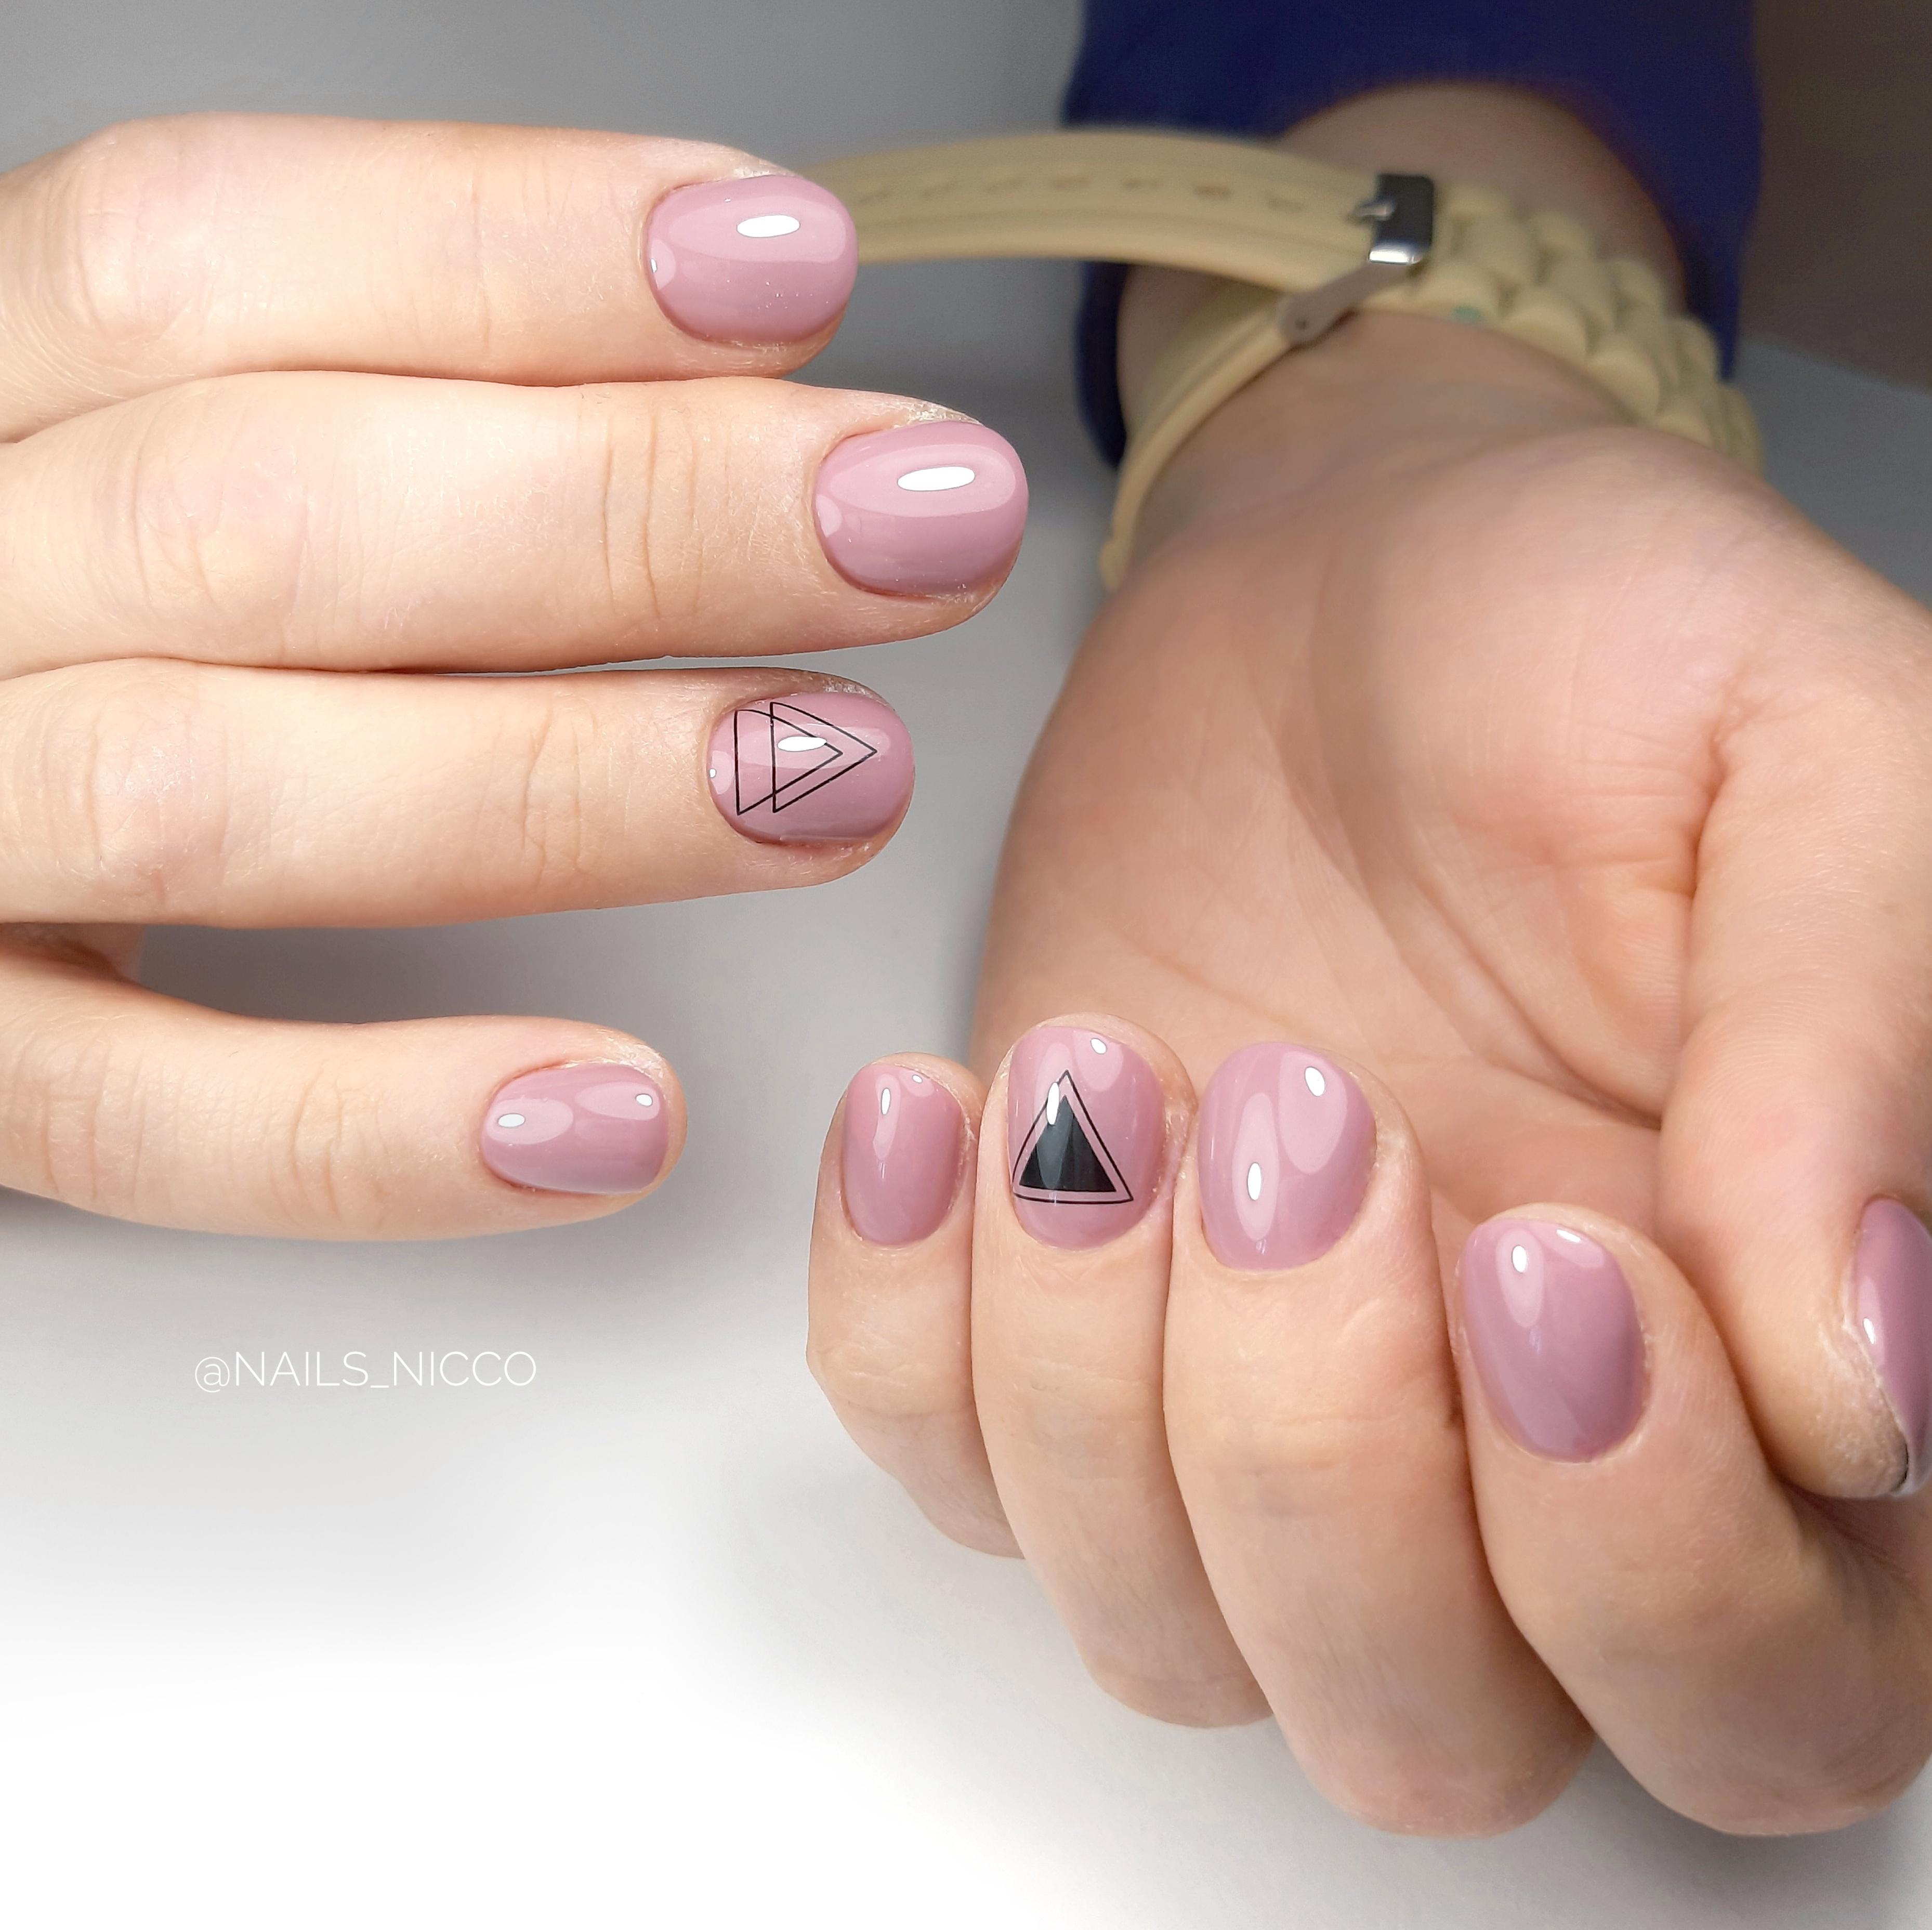 Маникюр с геометрическими слайдерами в сиреневом цвете на короткие ногти.